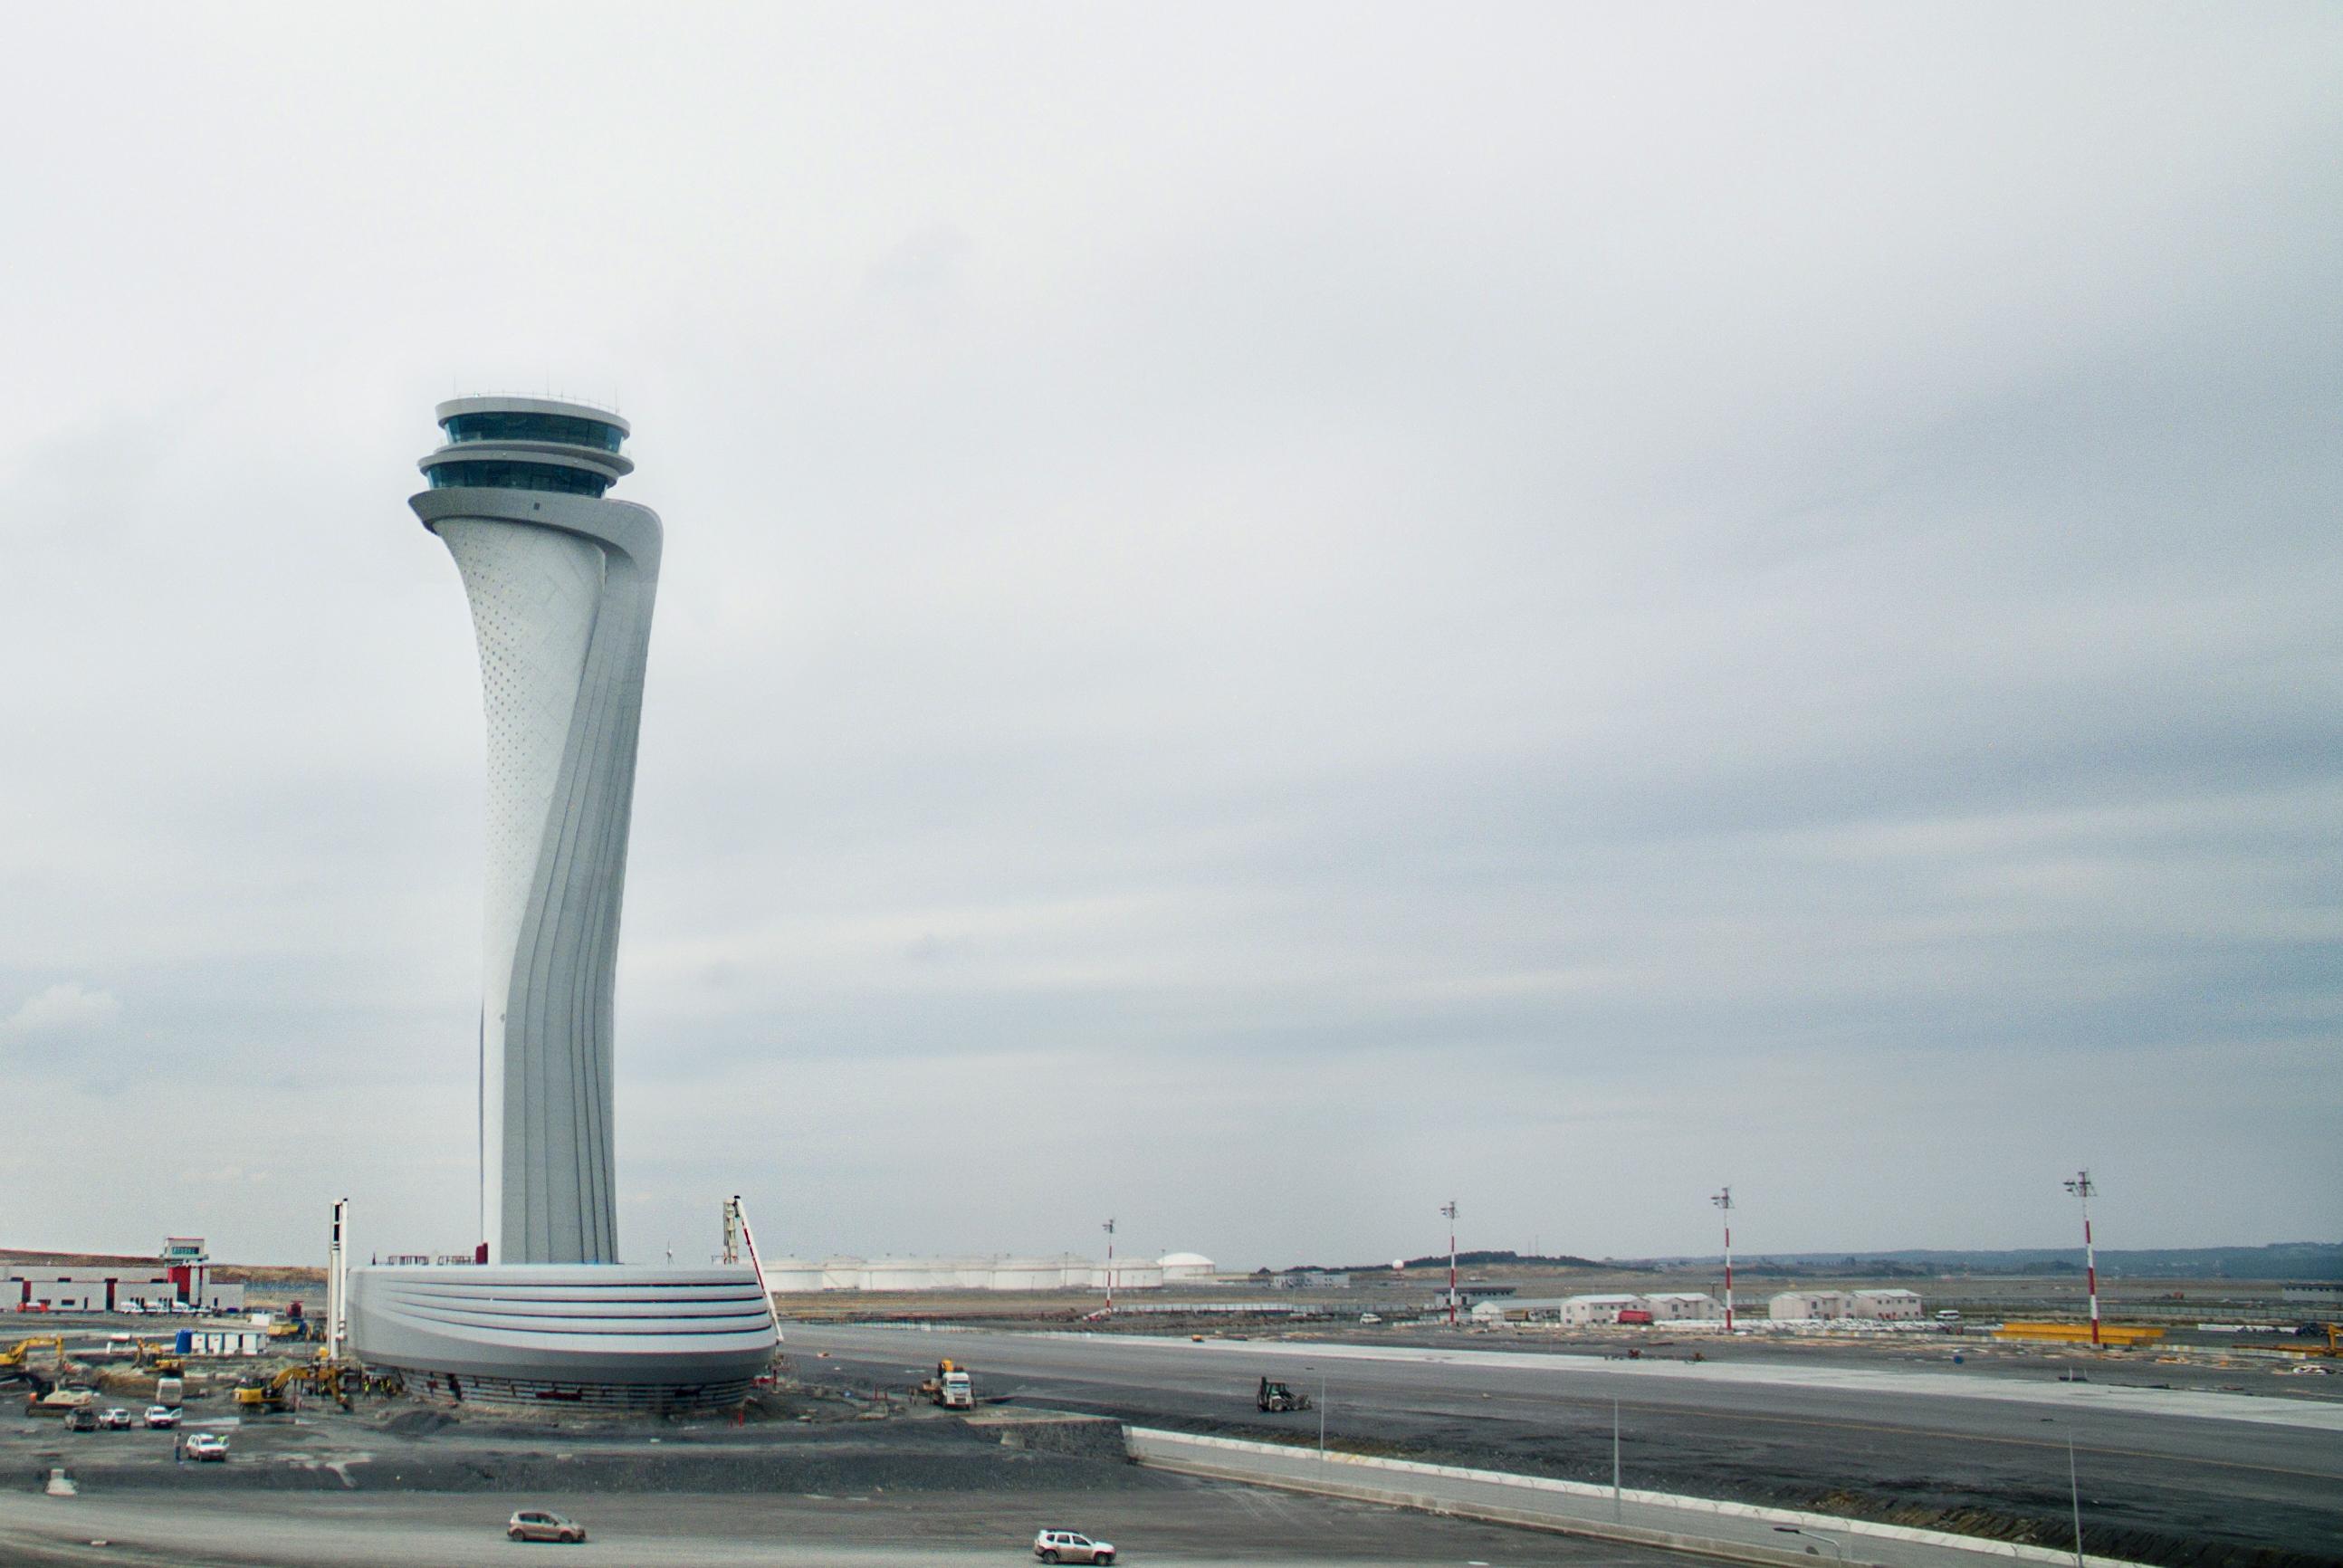 La torre si eleva per 90 metri e culmina con due aree di controllo che garantiscono una visuale a 360° sull'aeroporto © Pininfarina e Aecom